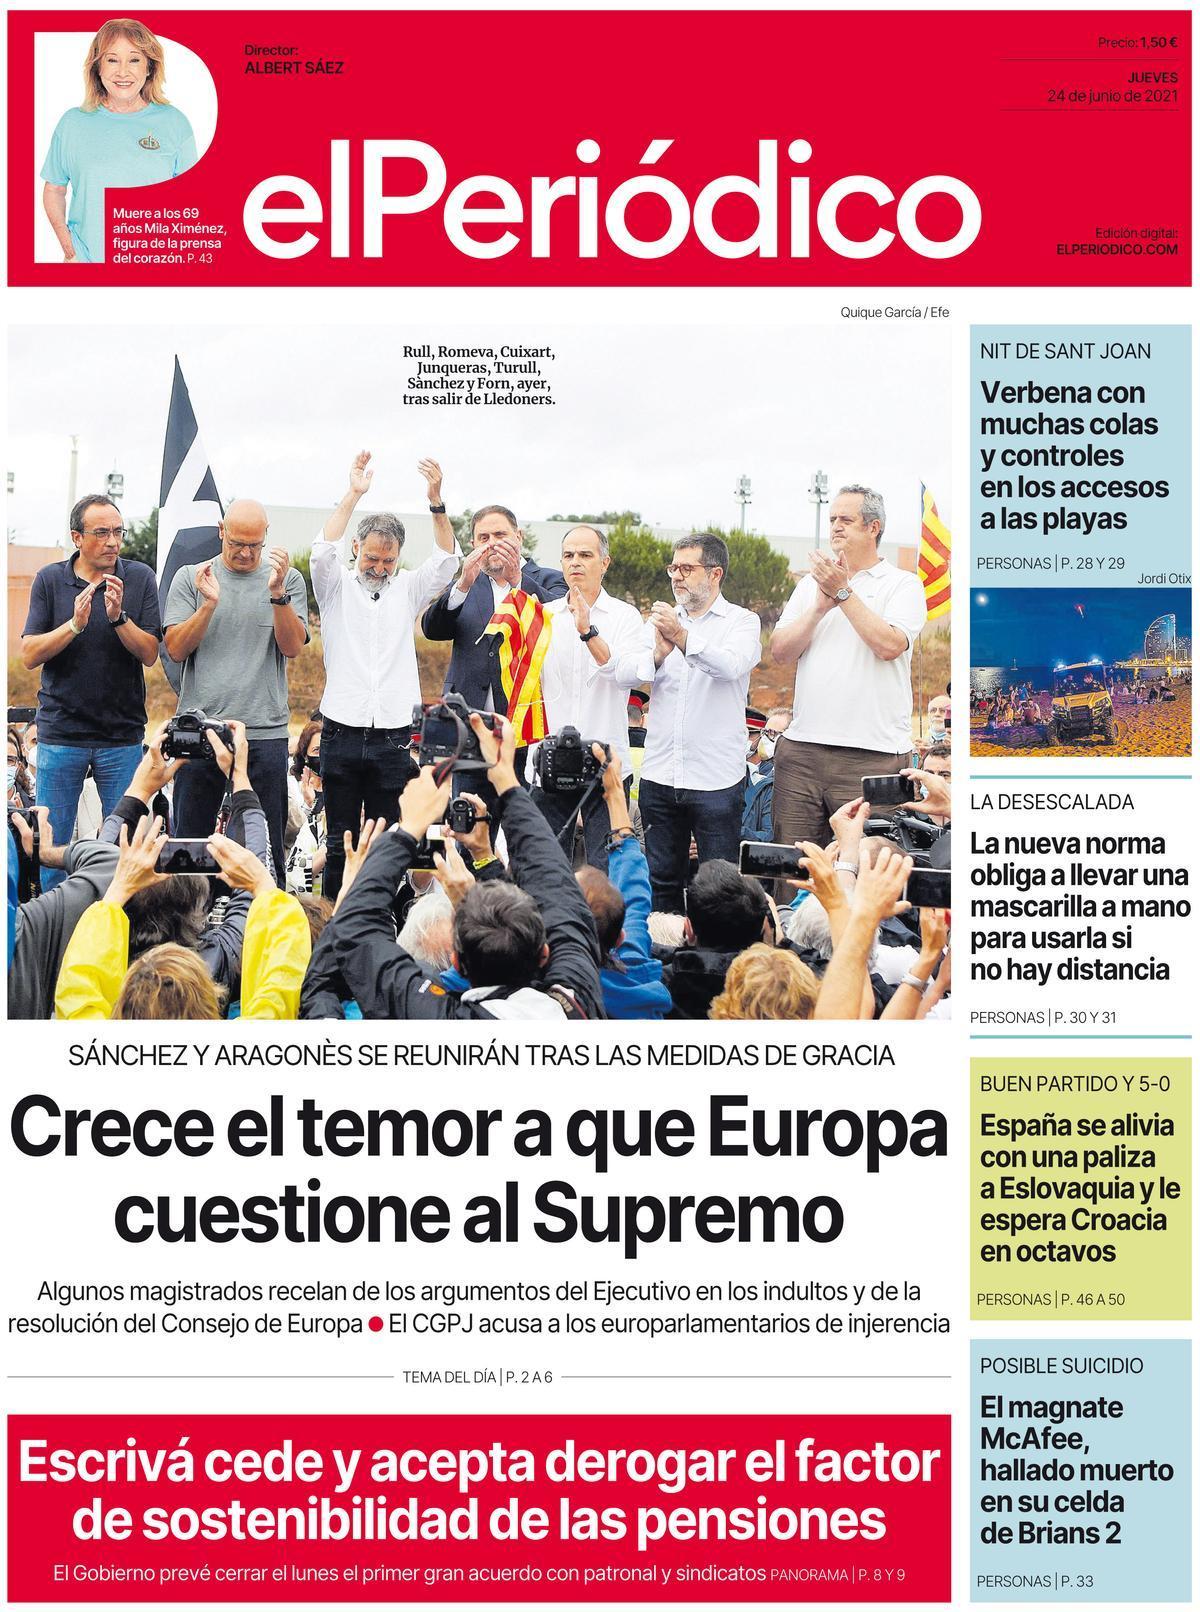 La portada de EL PERIÓDICO del 24 de junio de 2021